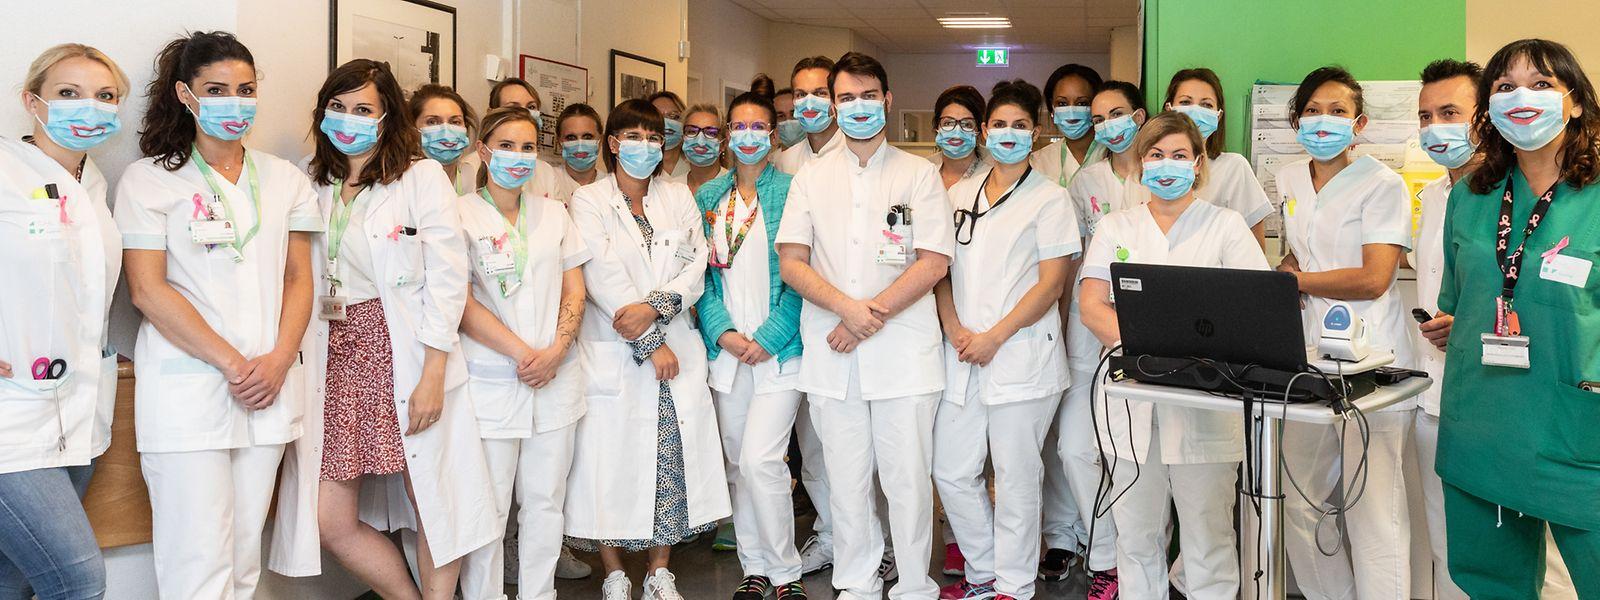 """Les personnels du service d'oncologie du CHL ont reçu un """"smiling mask"""" de la part de Laura da Silva (en vert)."""